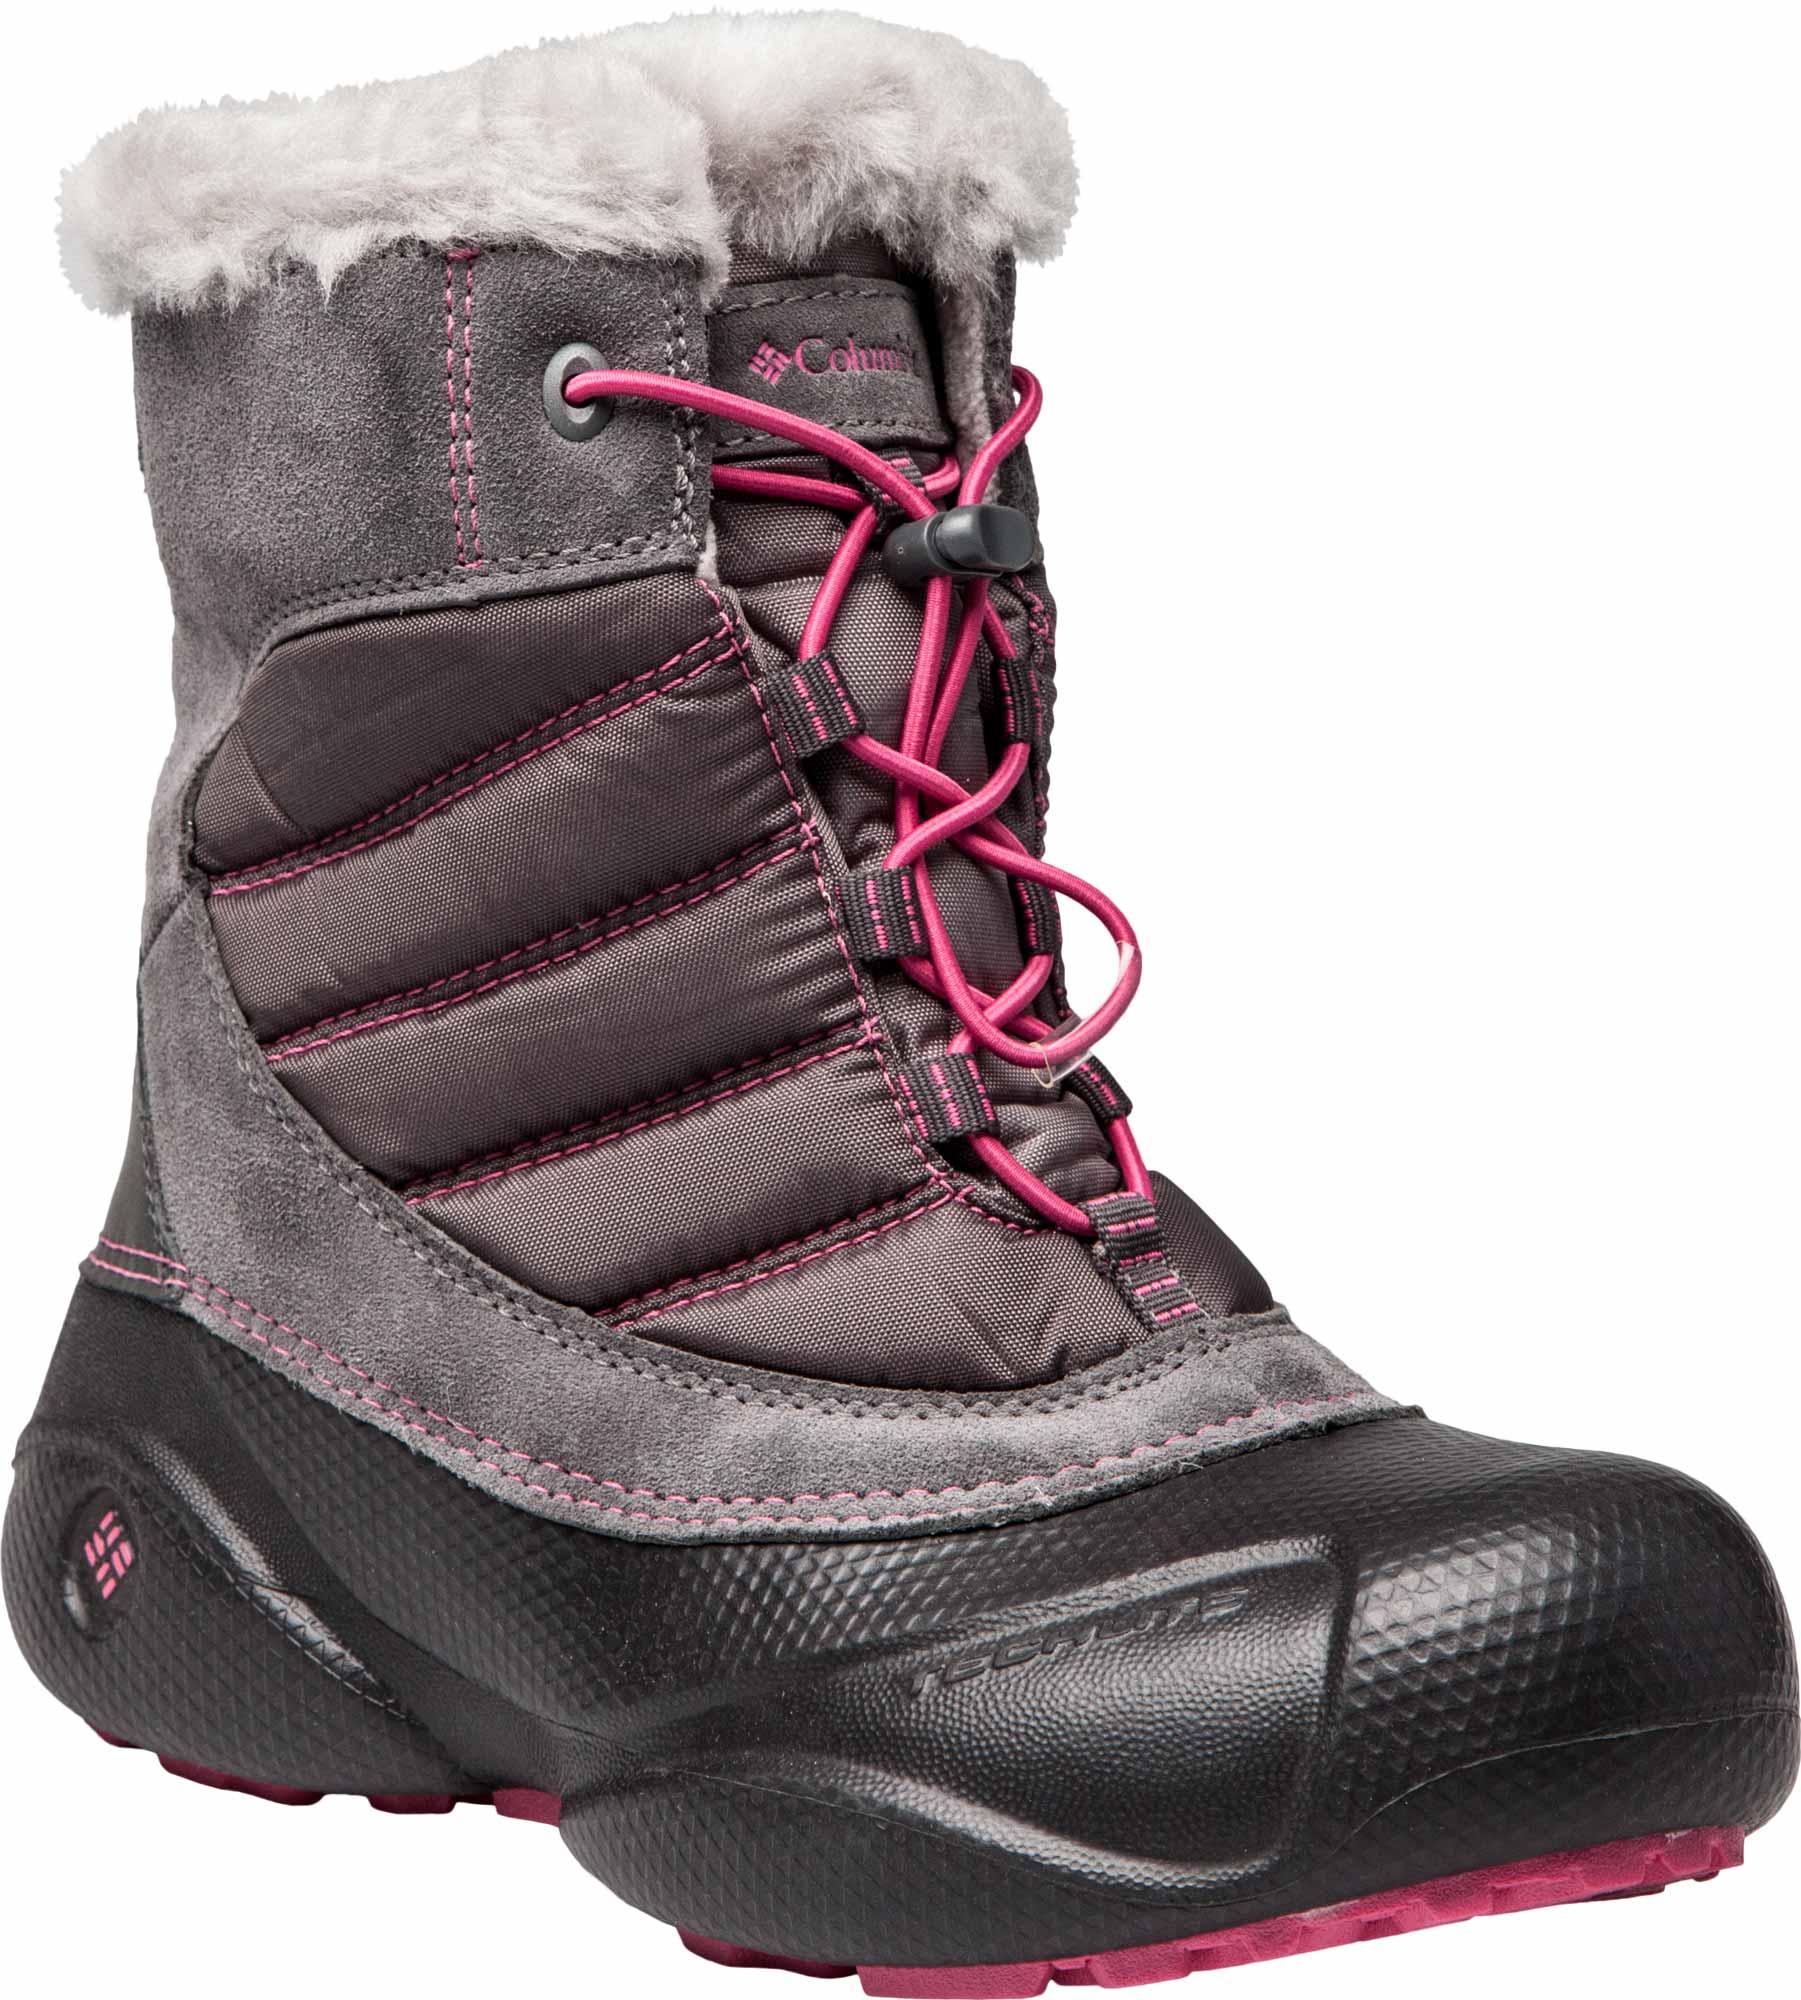 3af444deacb83 Columbia YOUTH ROPE TOW JUNIOR. Dětská zimní obuv